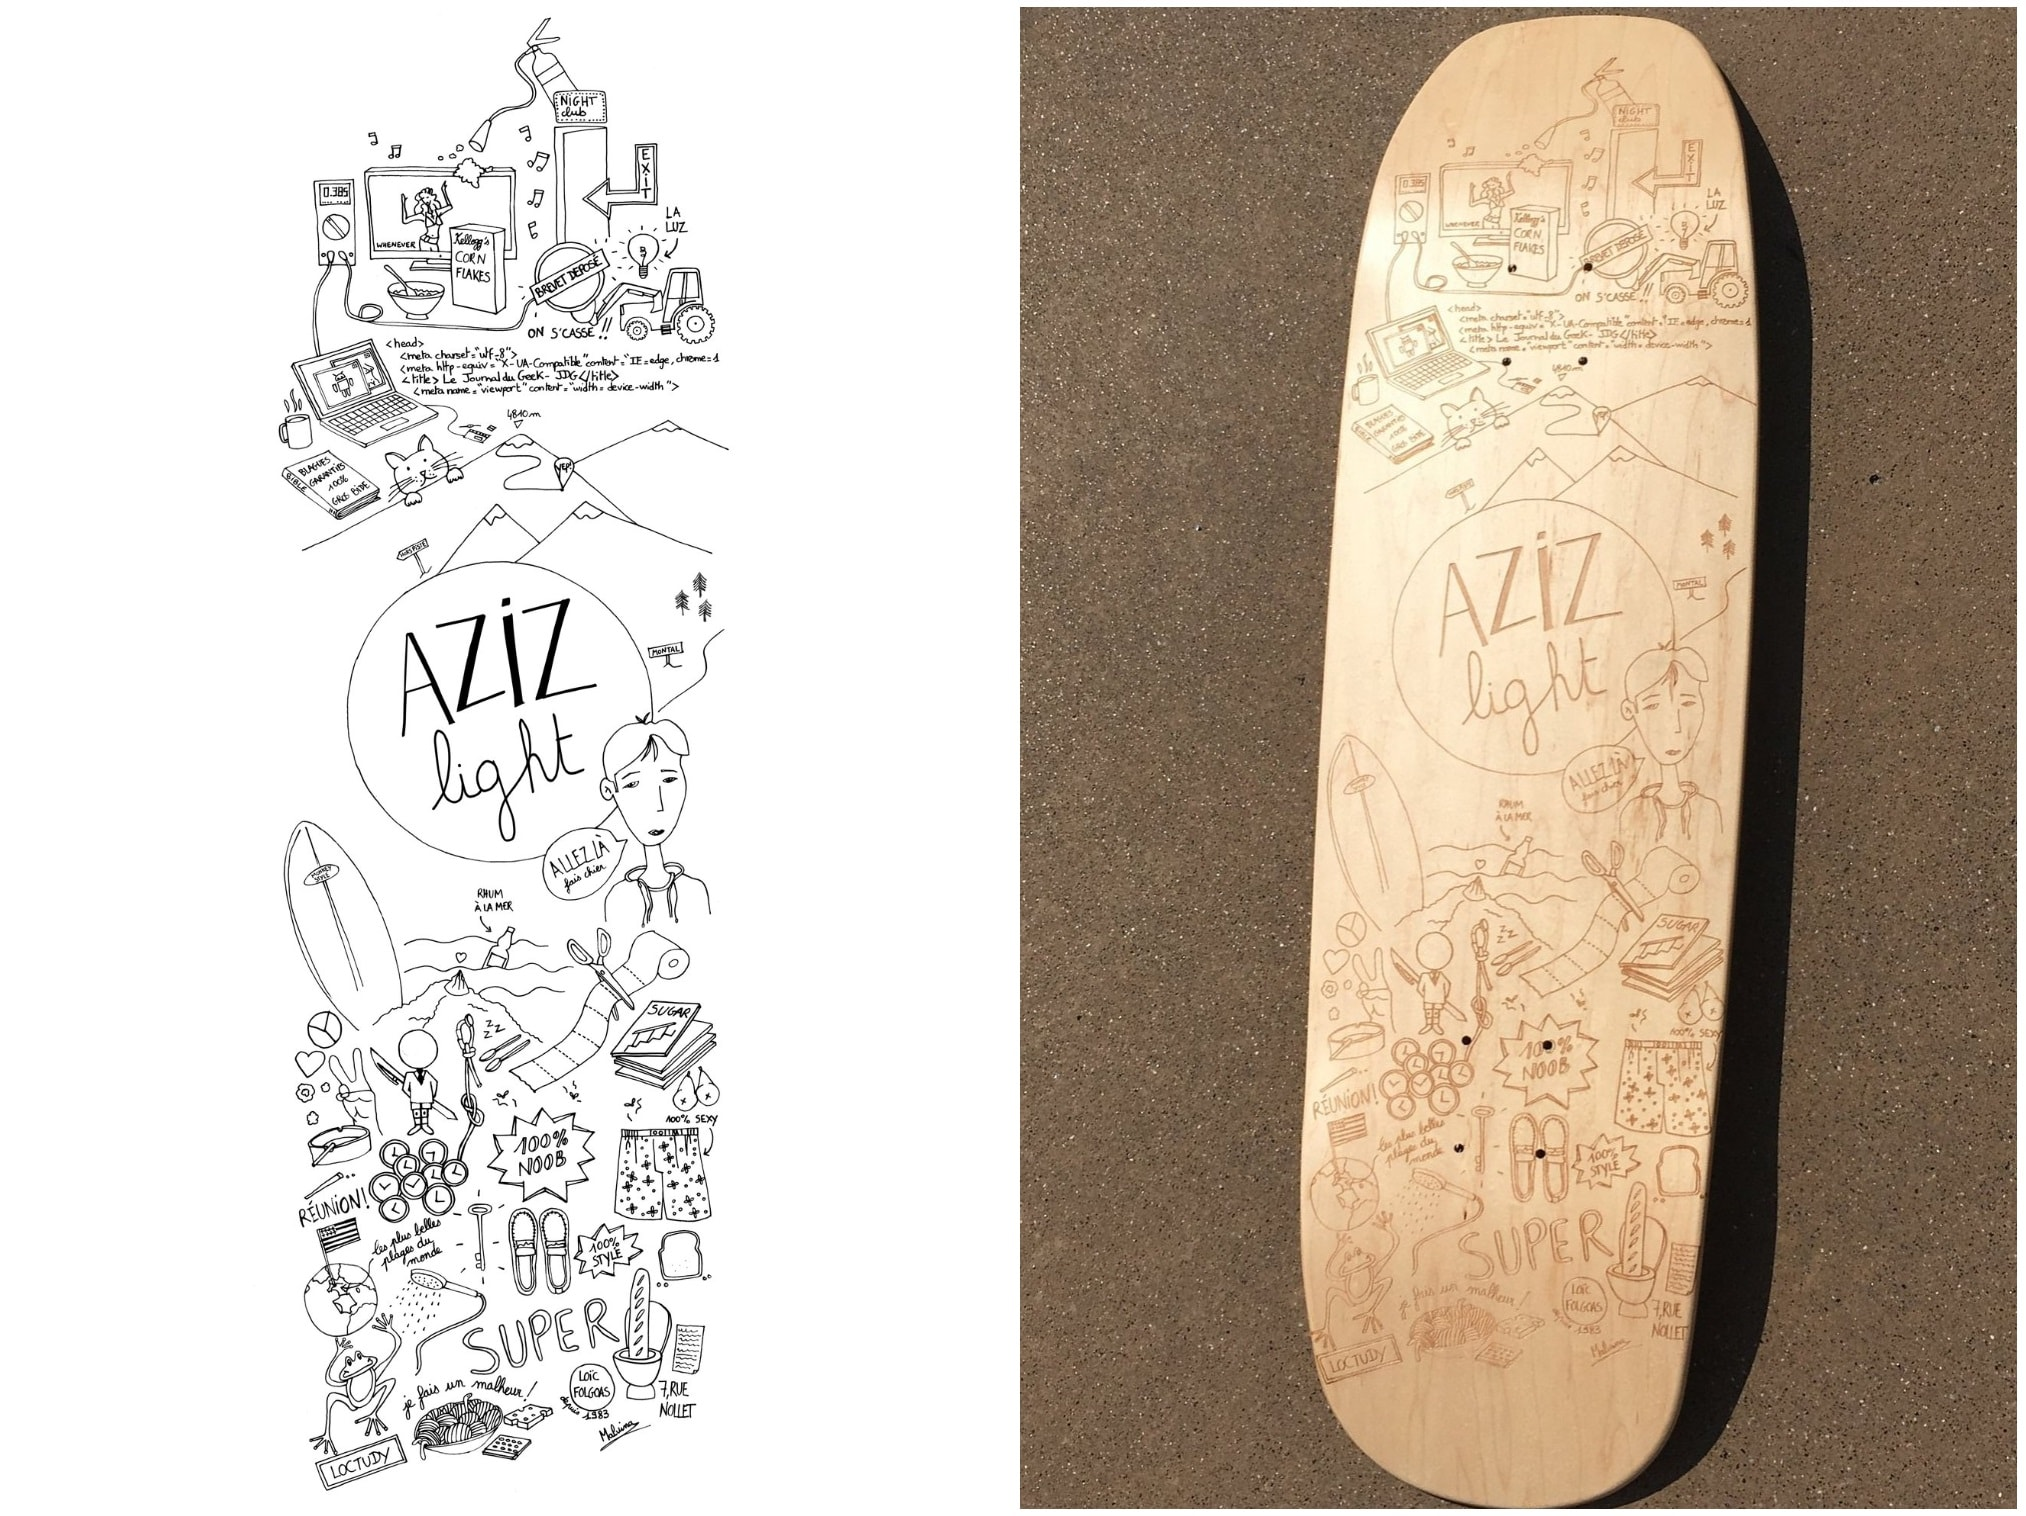 Le fichier original tiré d'Illustrator et le résultat gravé au laser